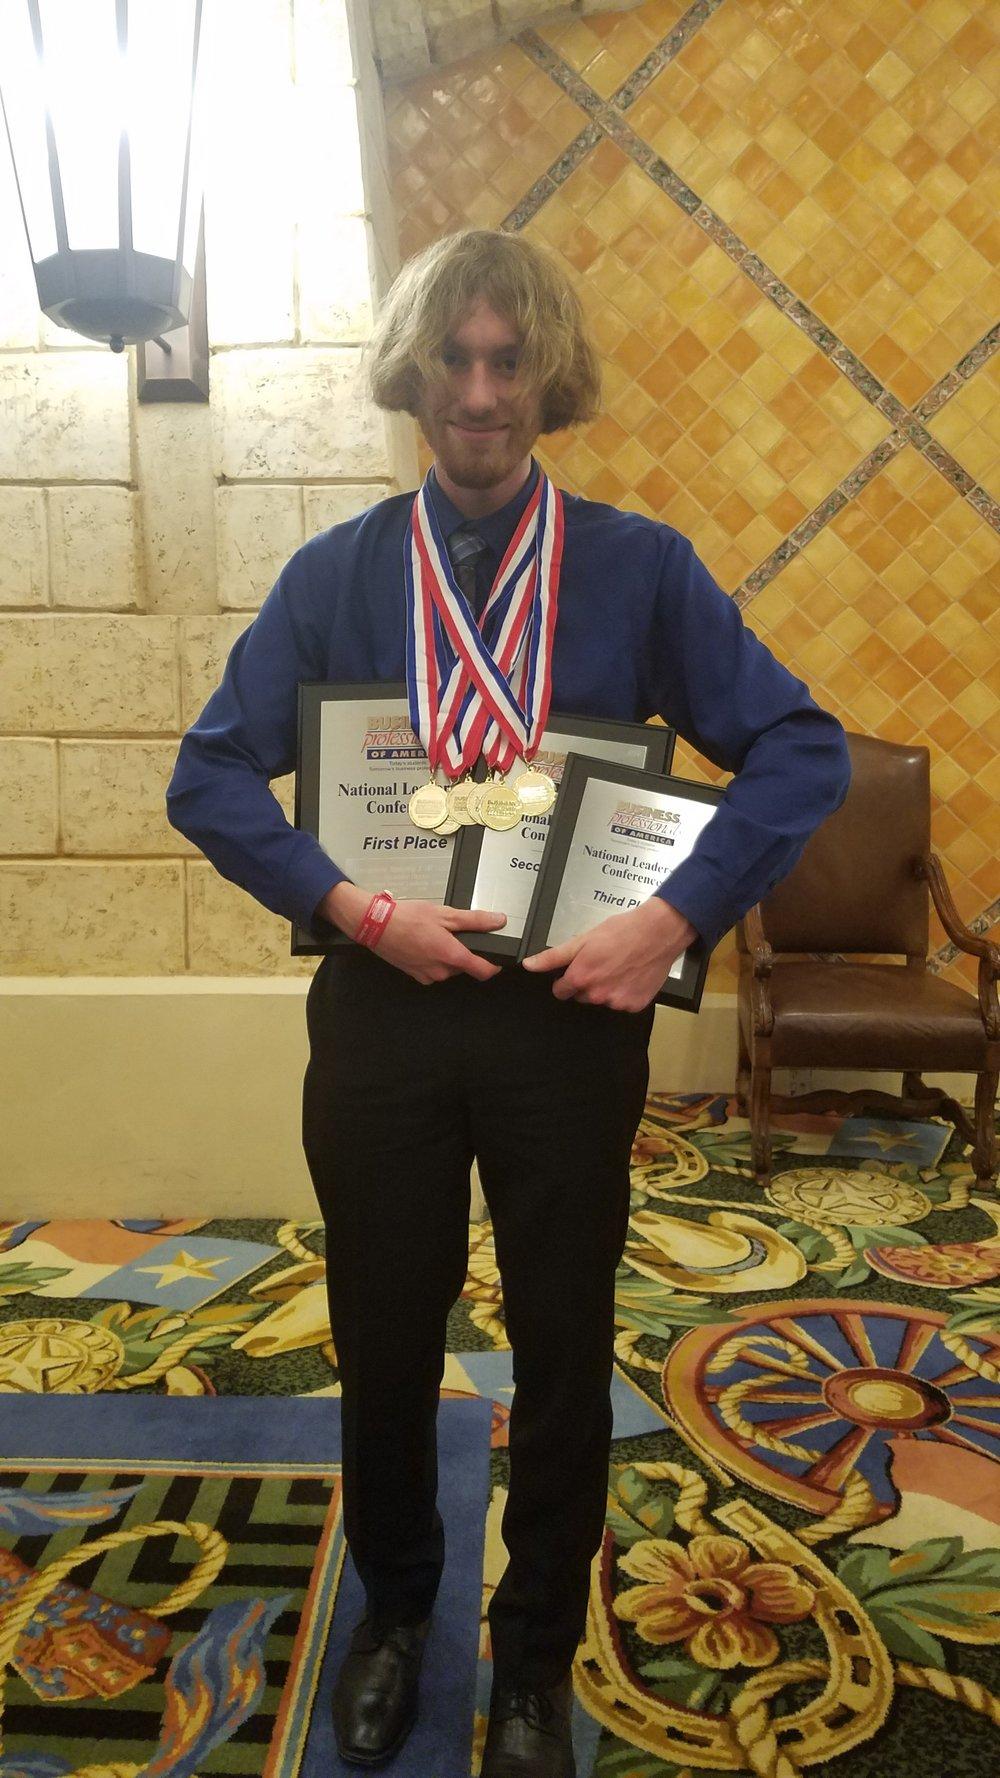 DeWitt High School - 2018 NLC - Zack Matson (Two time - six national awards 2017 & 2018)